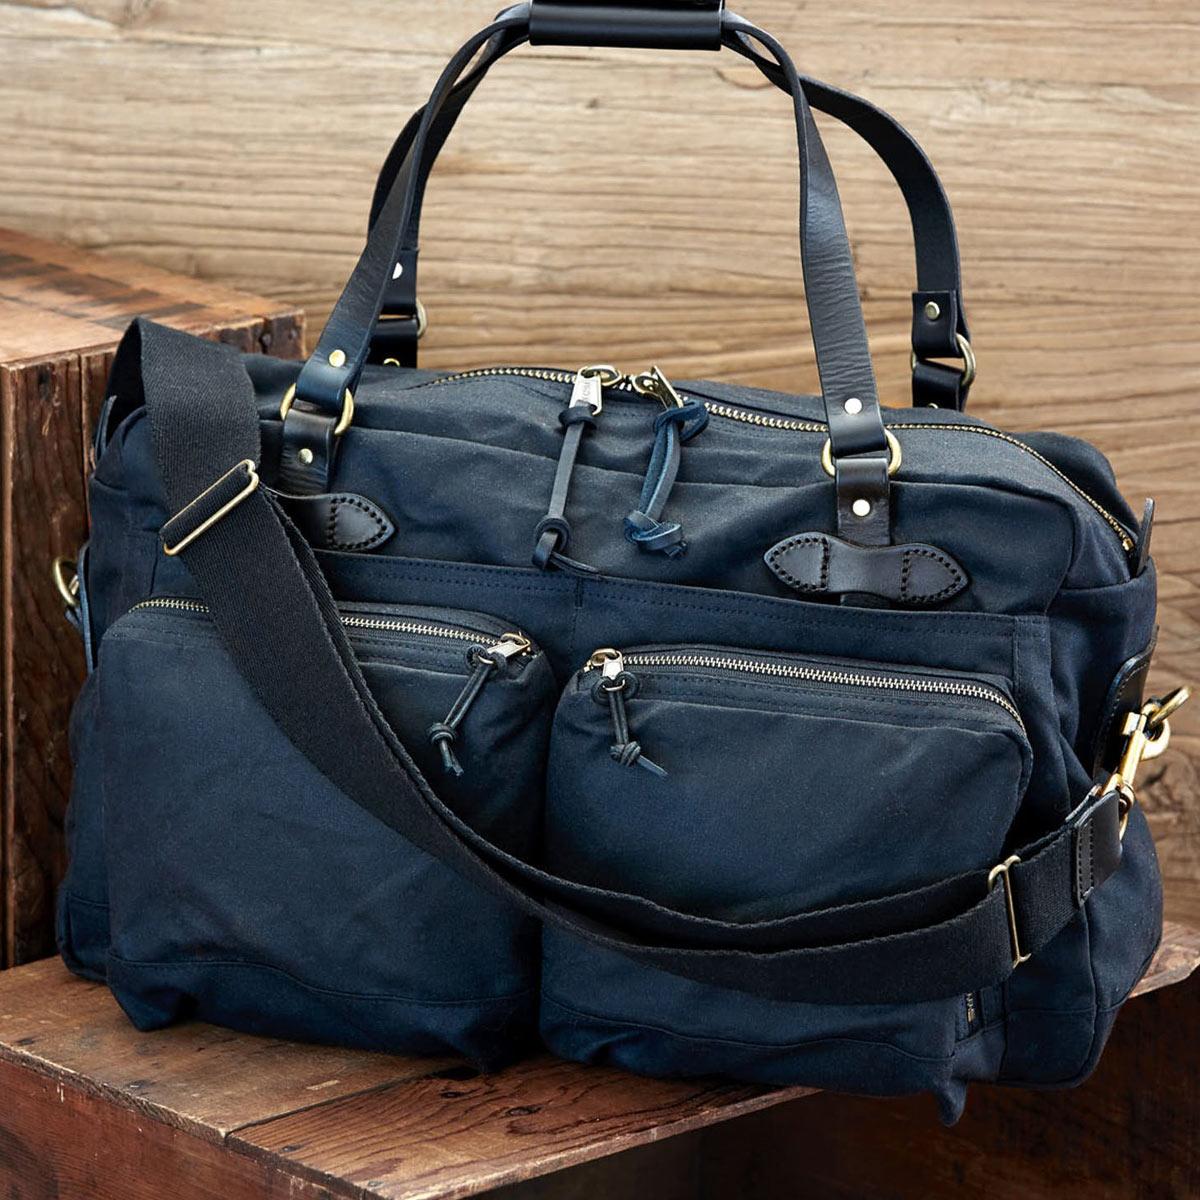 Filson 48-Hour Duffle, eine robuste Duffle Bag mit großen Fächern für ein verlängertes Wochenendep